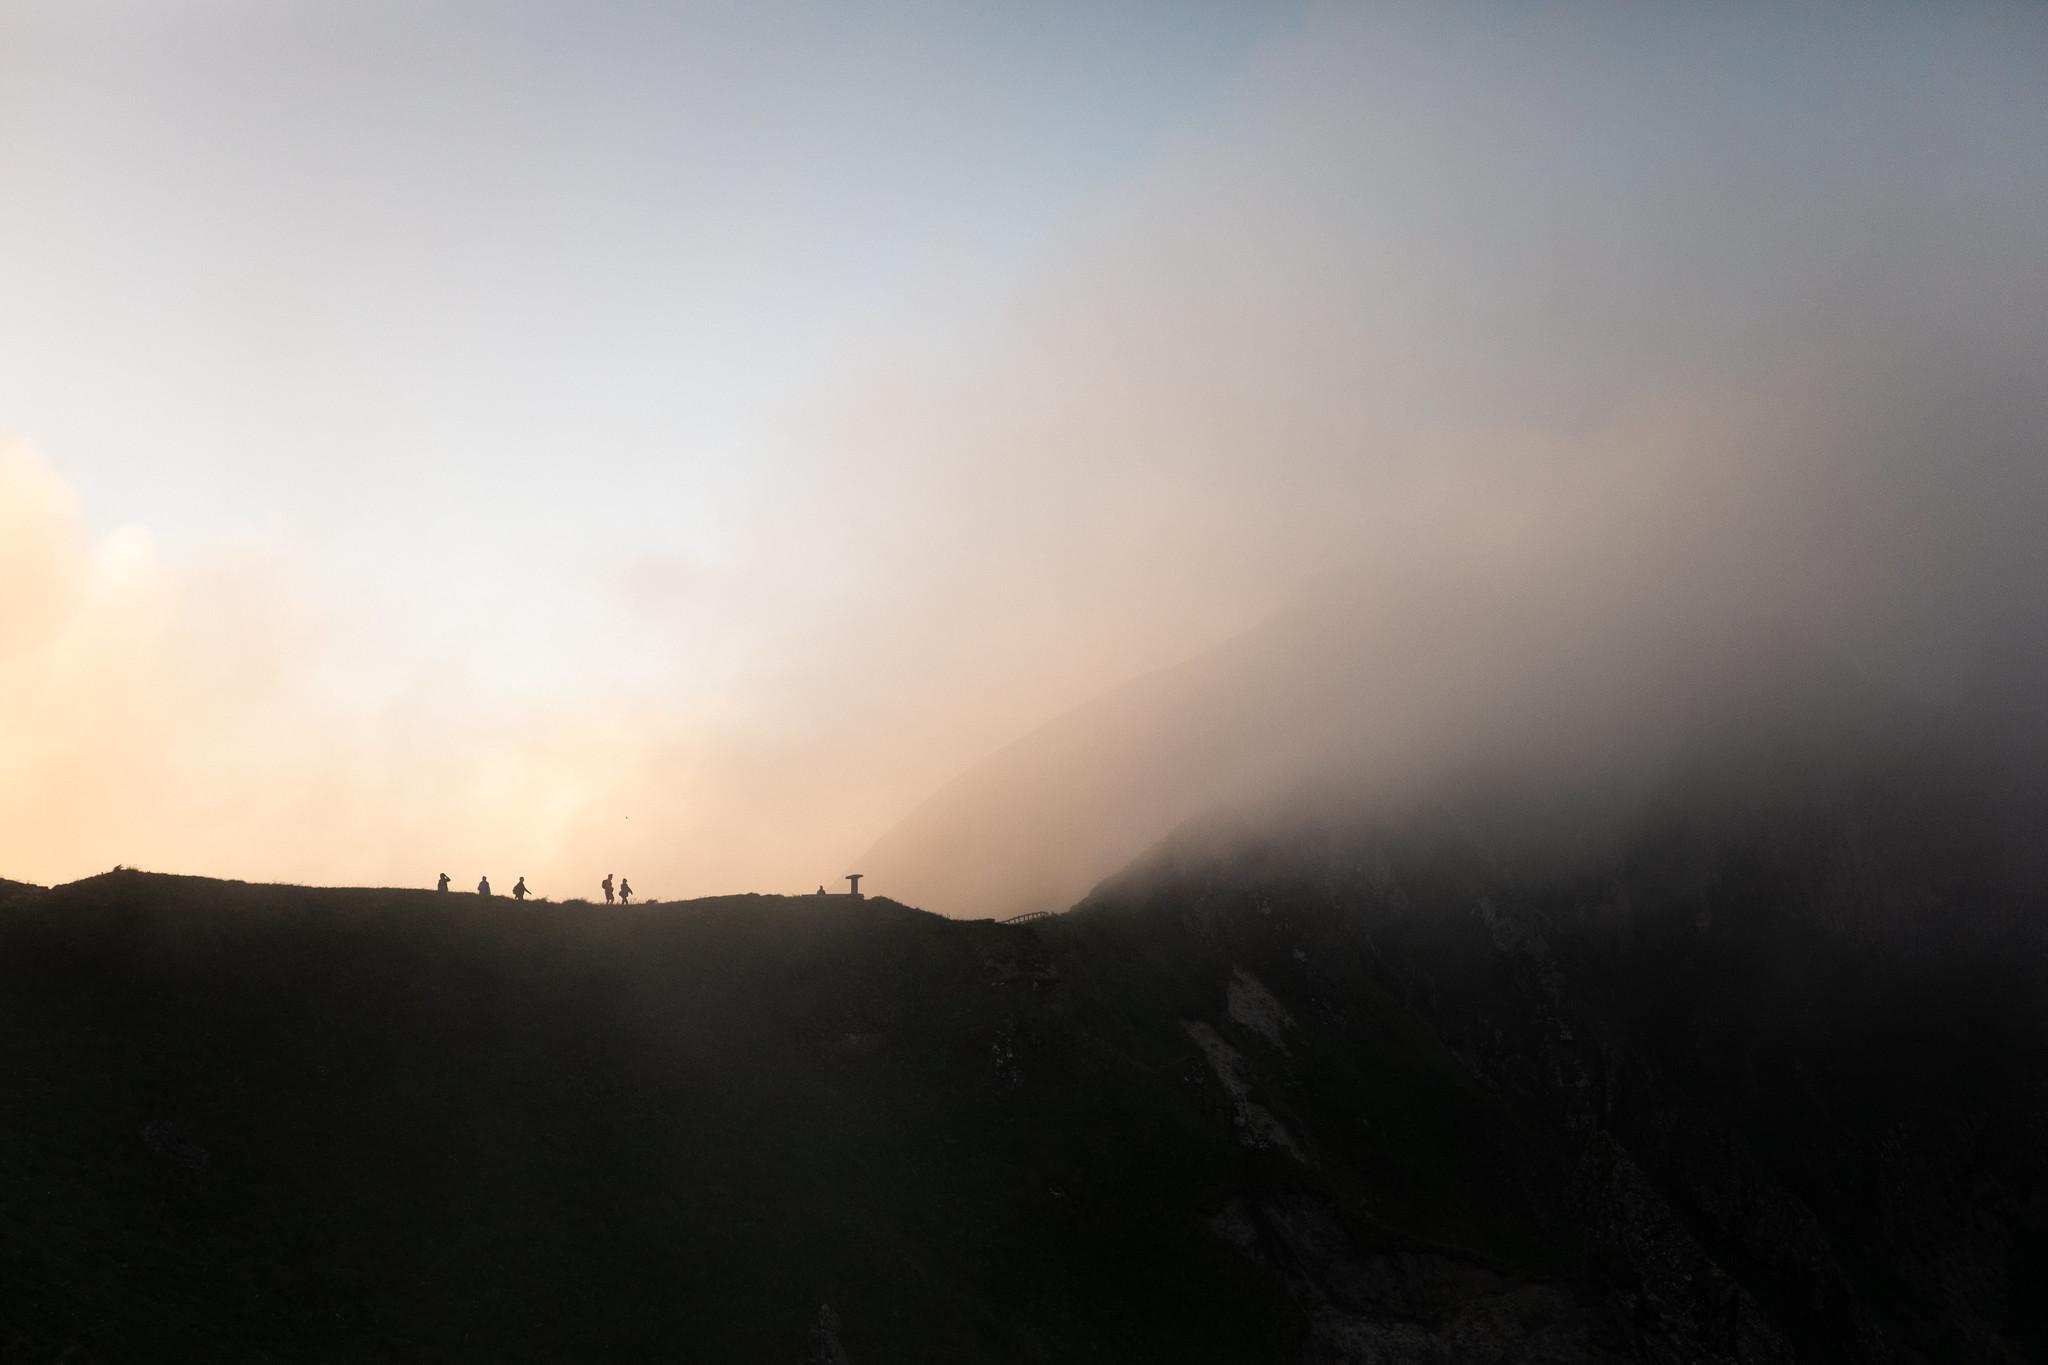 Photo de randonnée : ombres sur les crêtes du Sancy (c) Mickael Mussard Photographe